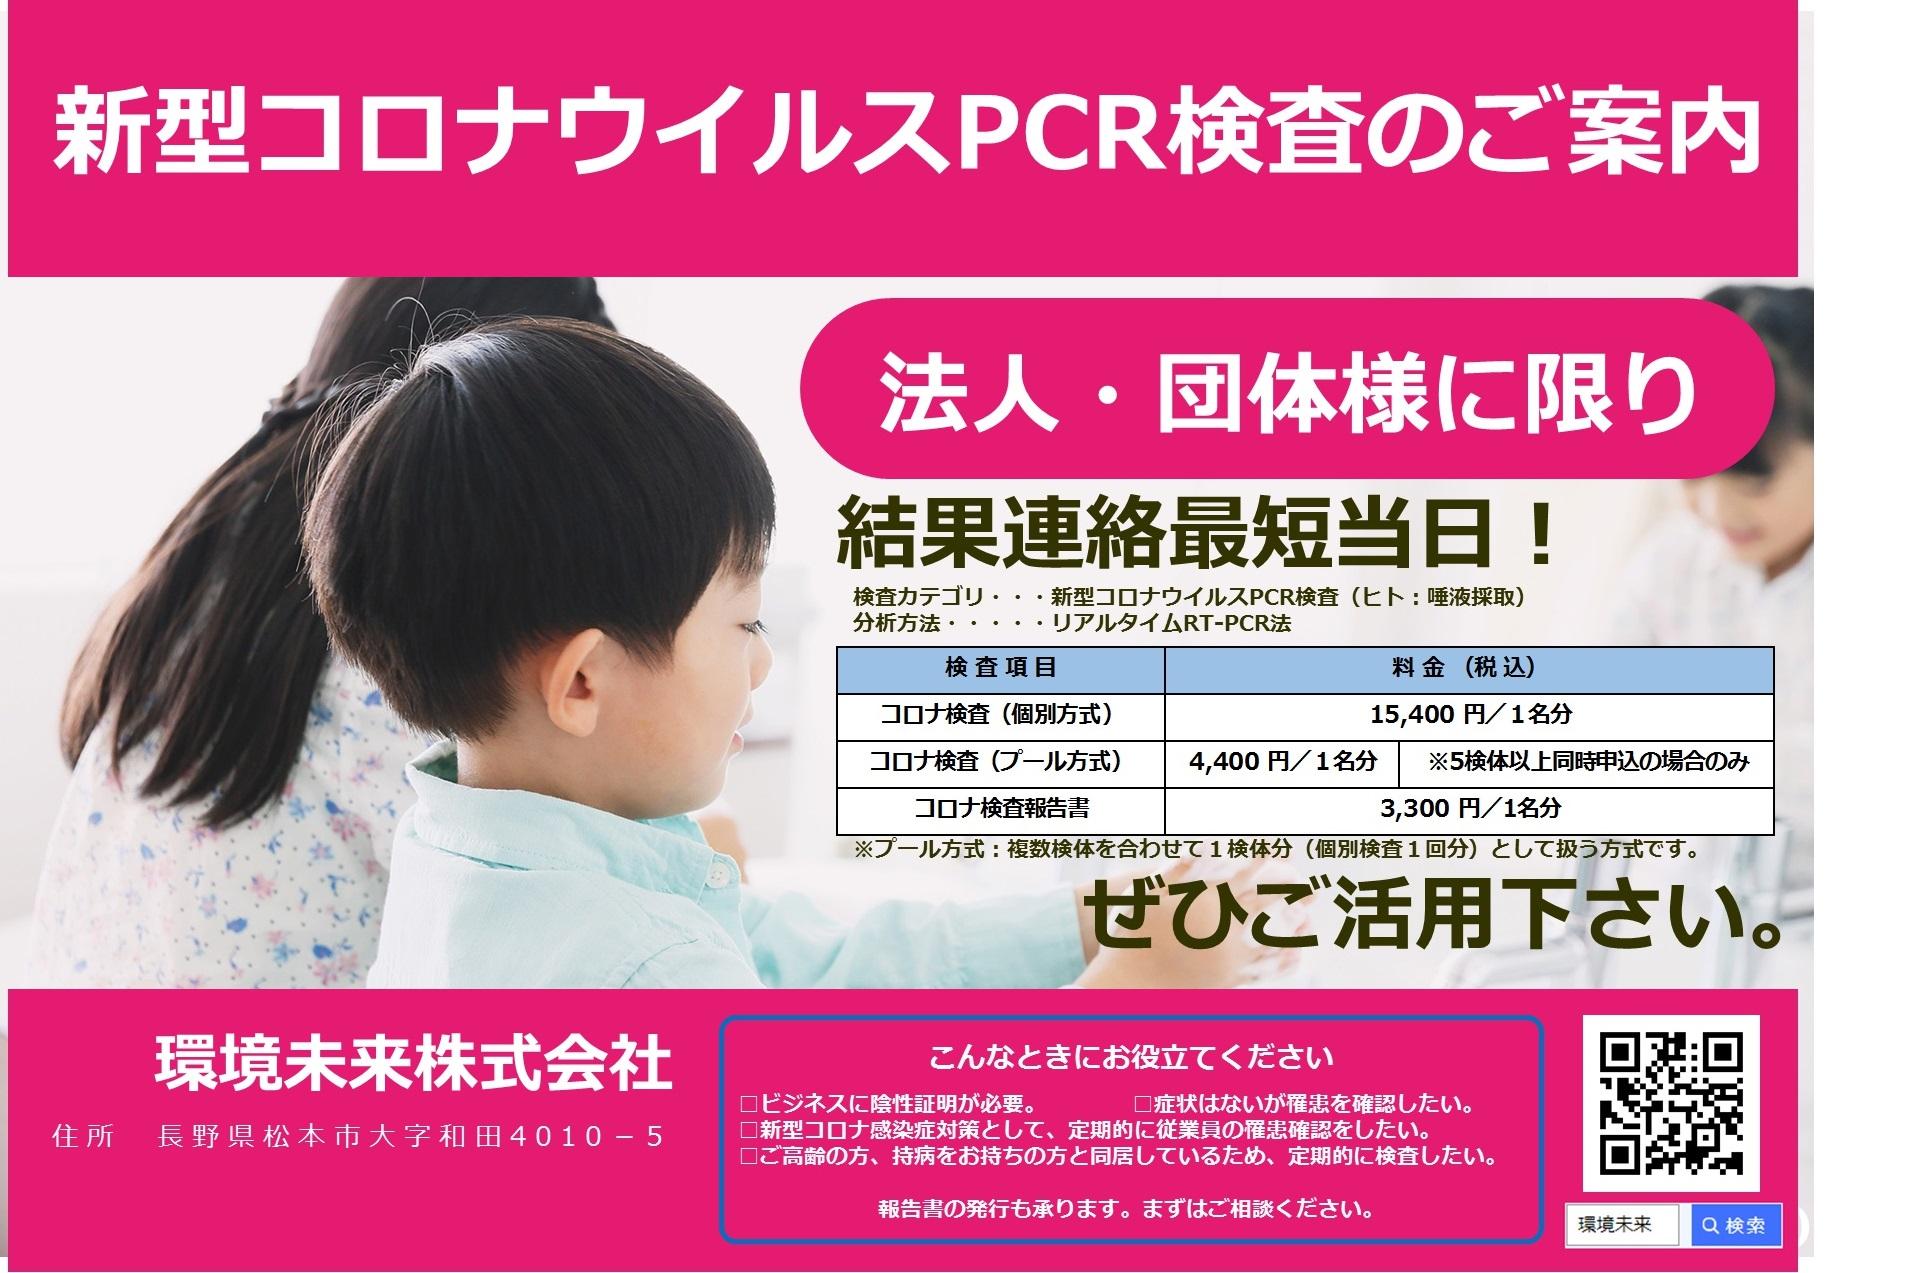 方法 コロナ 検査 新型コロナ対策で有効なPCR検査、抗原定量検査、抗原定性検査の特徴と違いを紹介